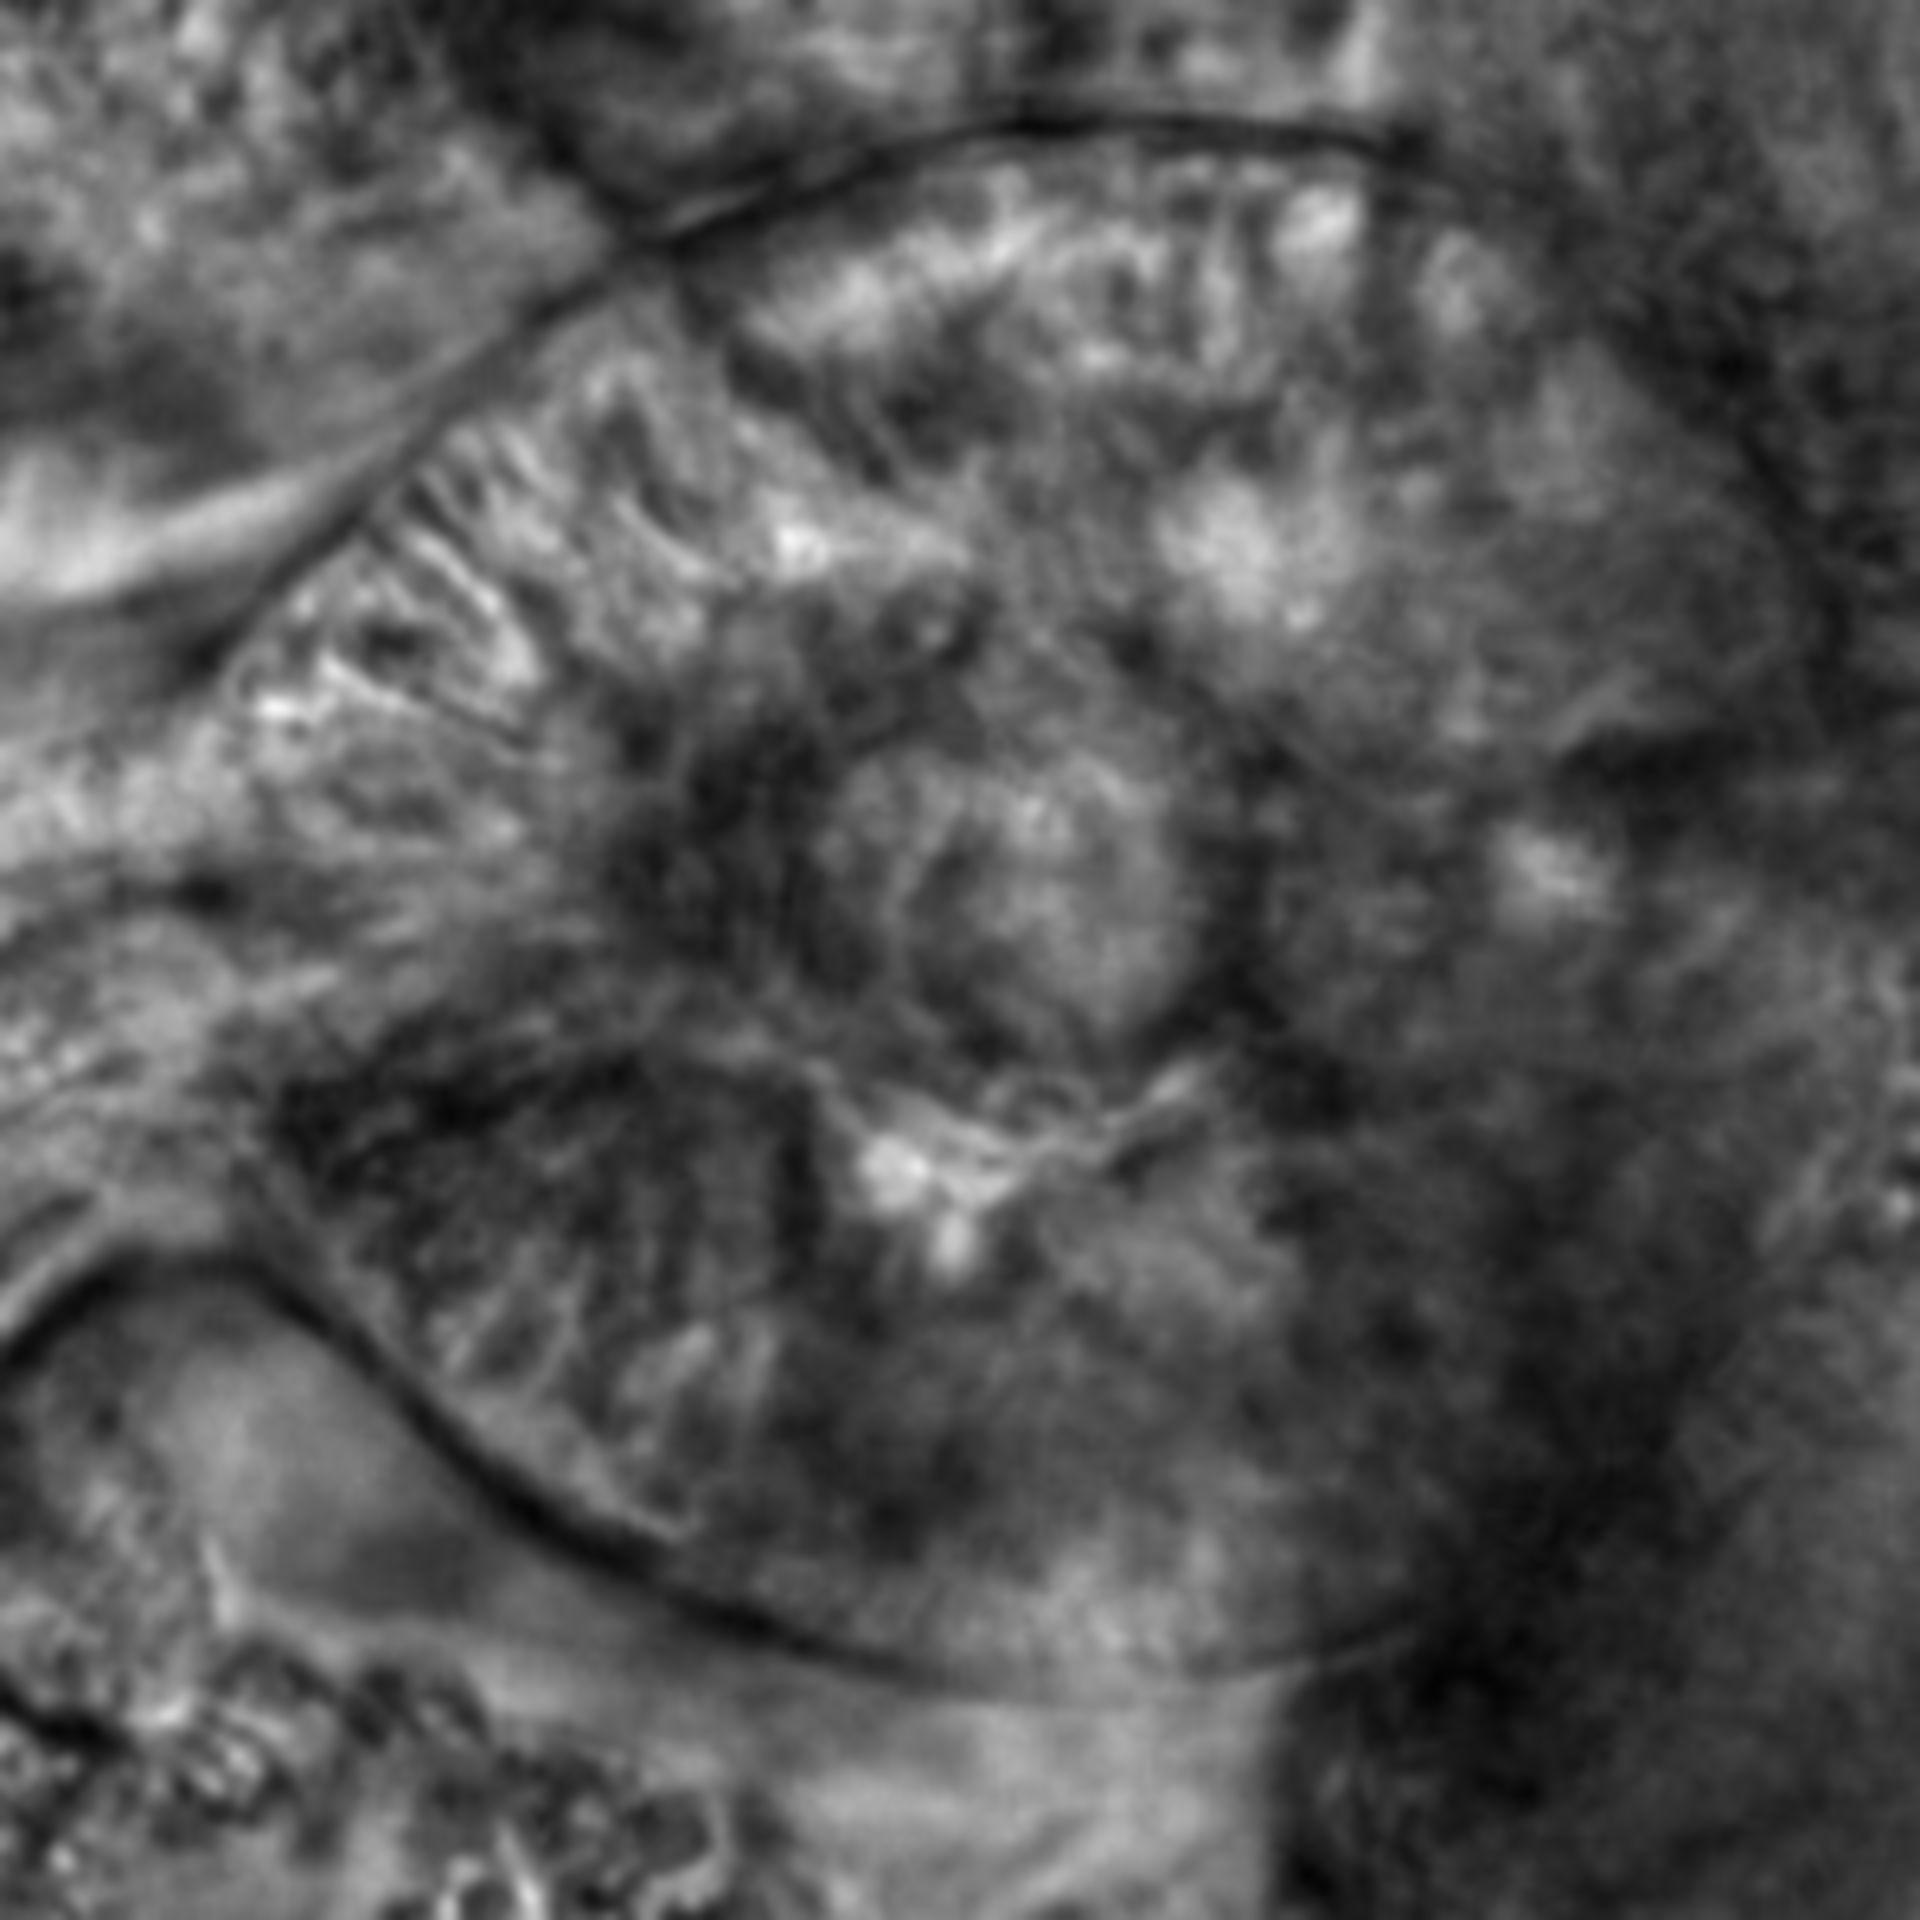 Caenorhabditis elegans - CIL:2637